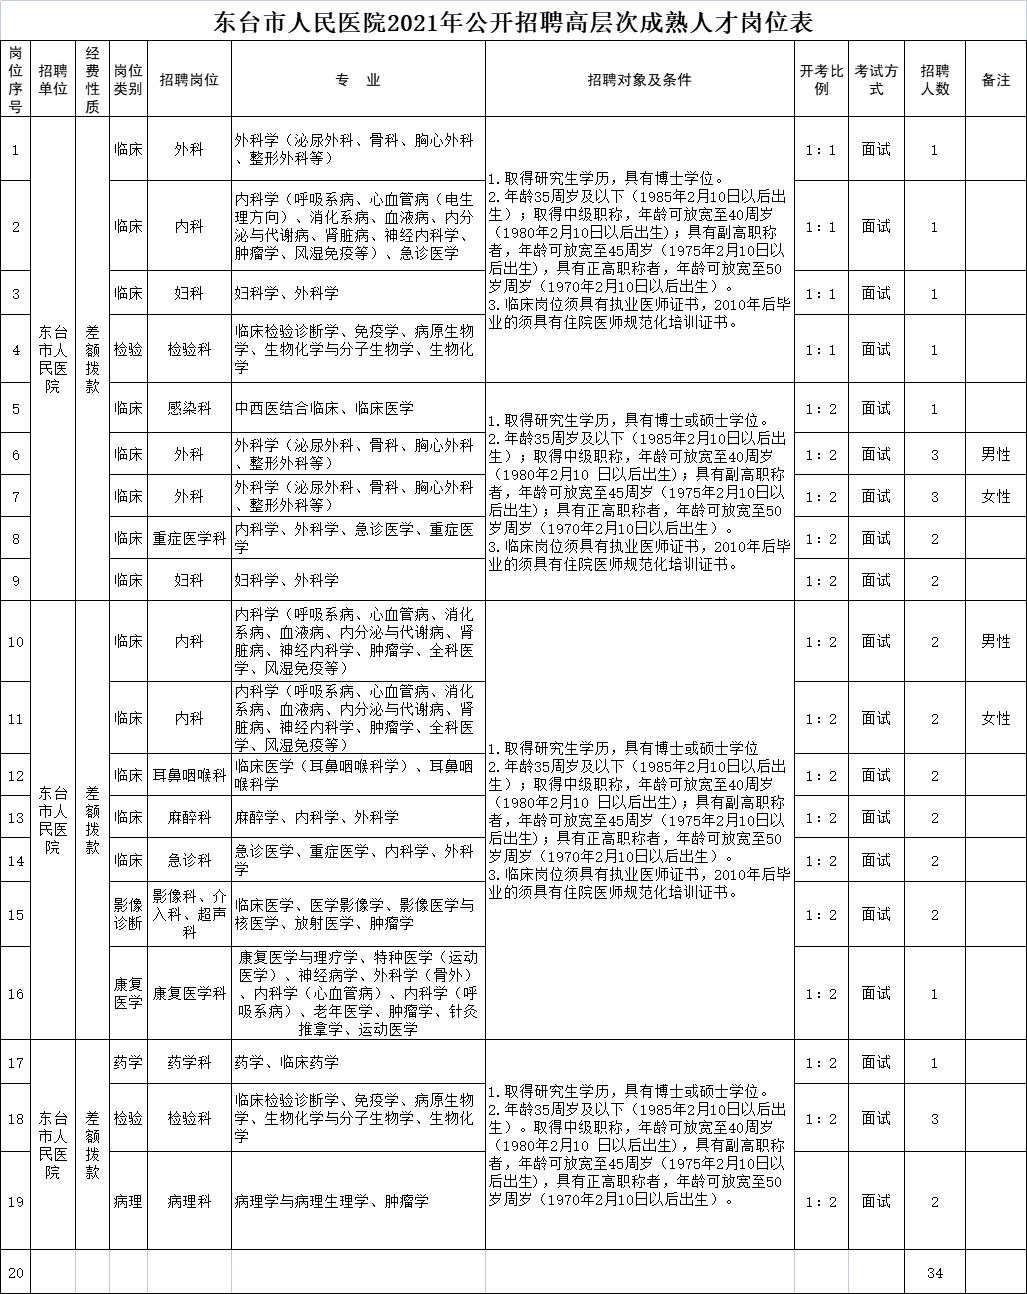 东台市人民医院 2021 年公开招聘高层次成熟人才岗位表